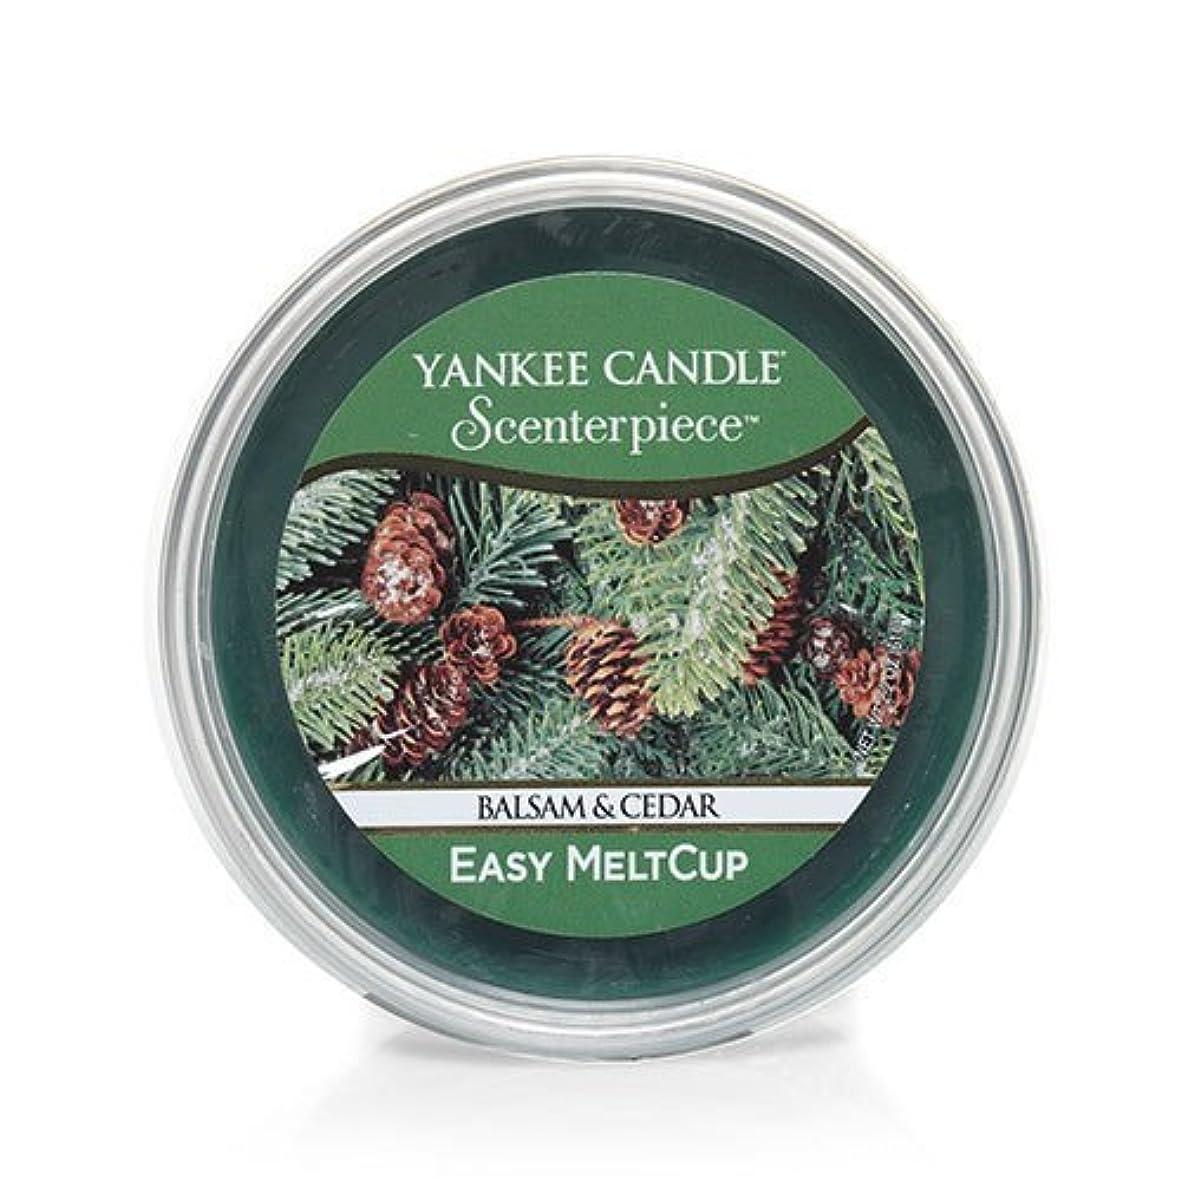 取り出すセッション北(ヤンキーキャンドル) Yankee Candle ラージ 22オンス ジャーキャンドル バルサム&シダー Scenterpiece Easy MeltCups 1316938-YC